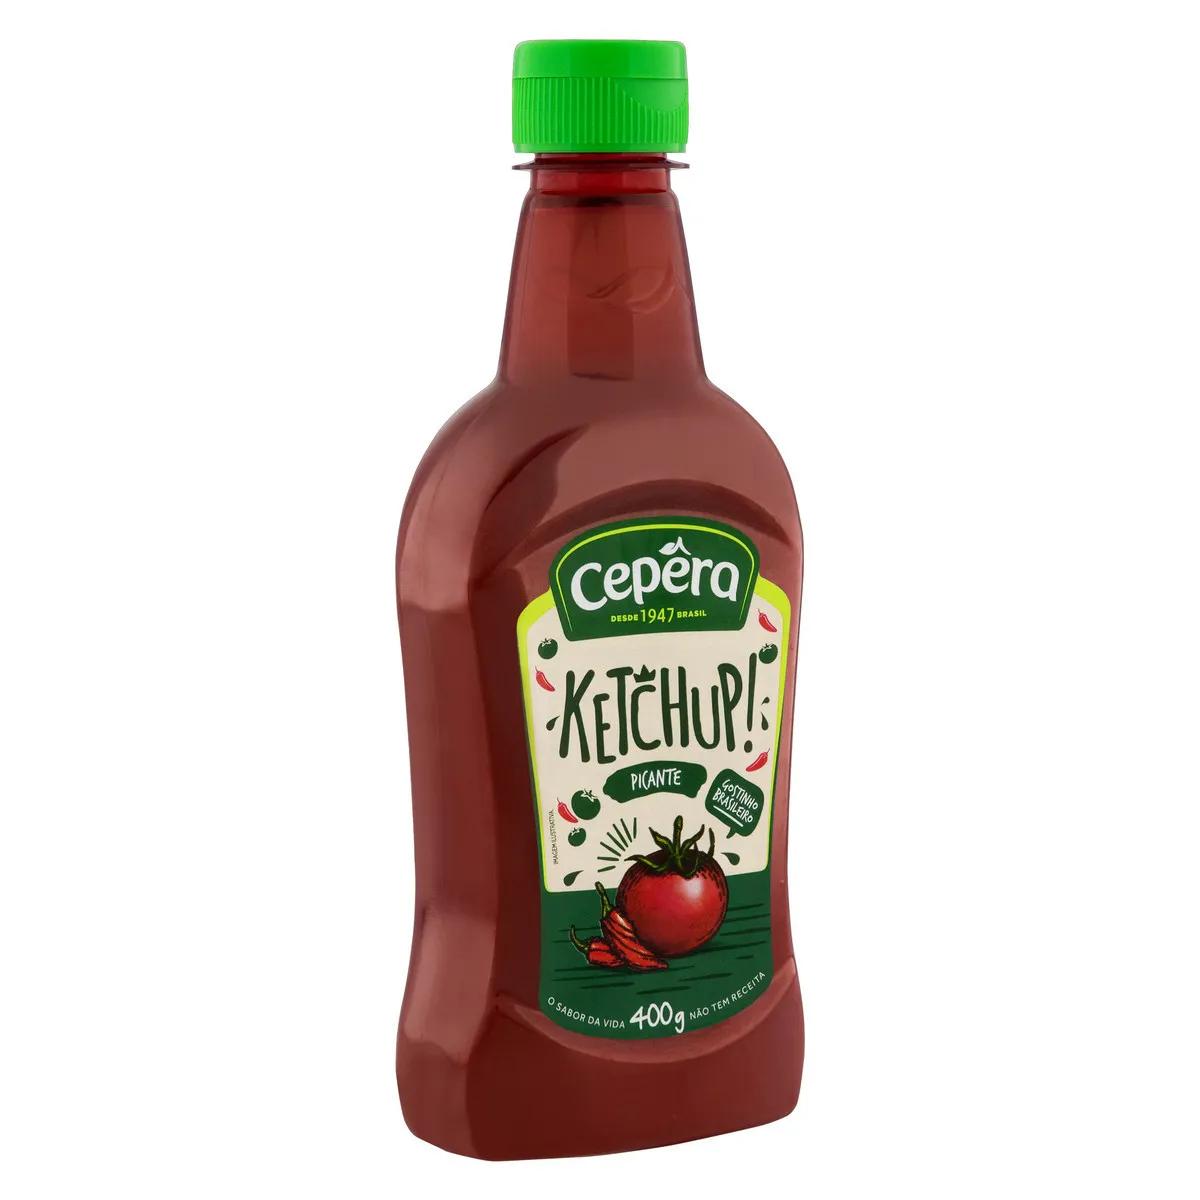 Ketchup Picante 400g